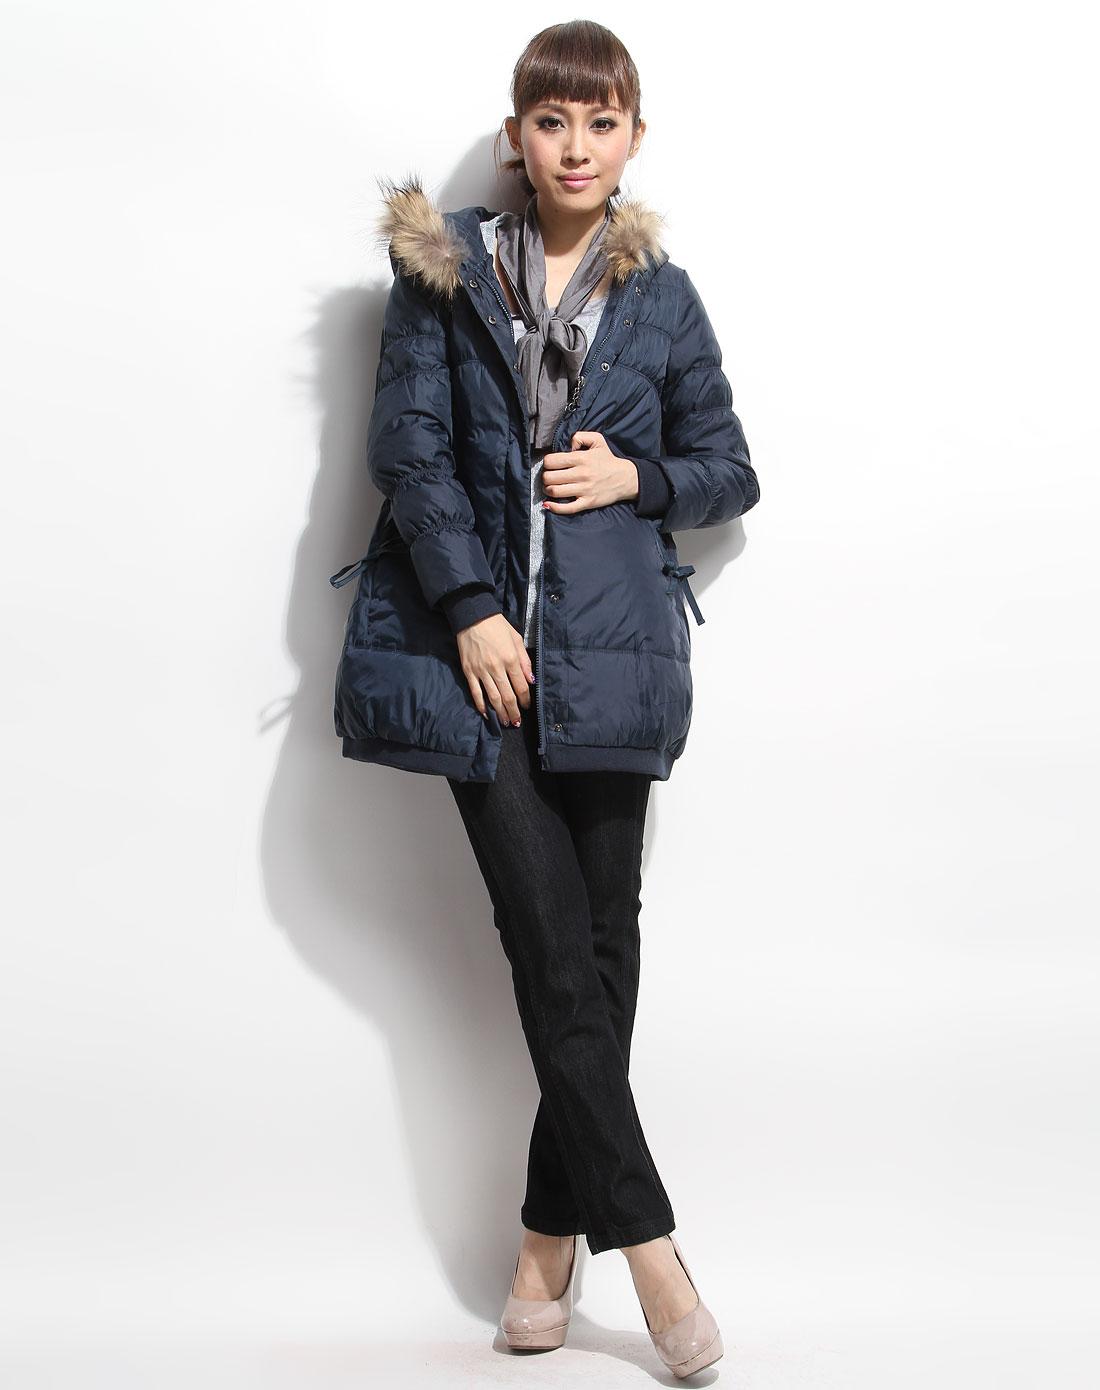 [ 雁皇 ] 深暗蓝色时尚连帽长款长袖羽绒外套